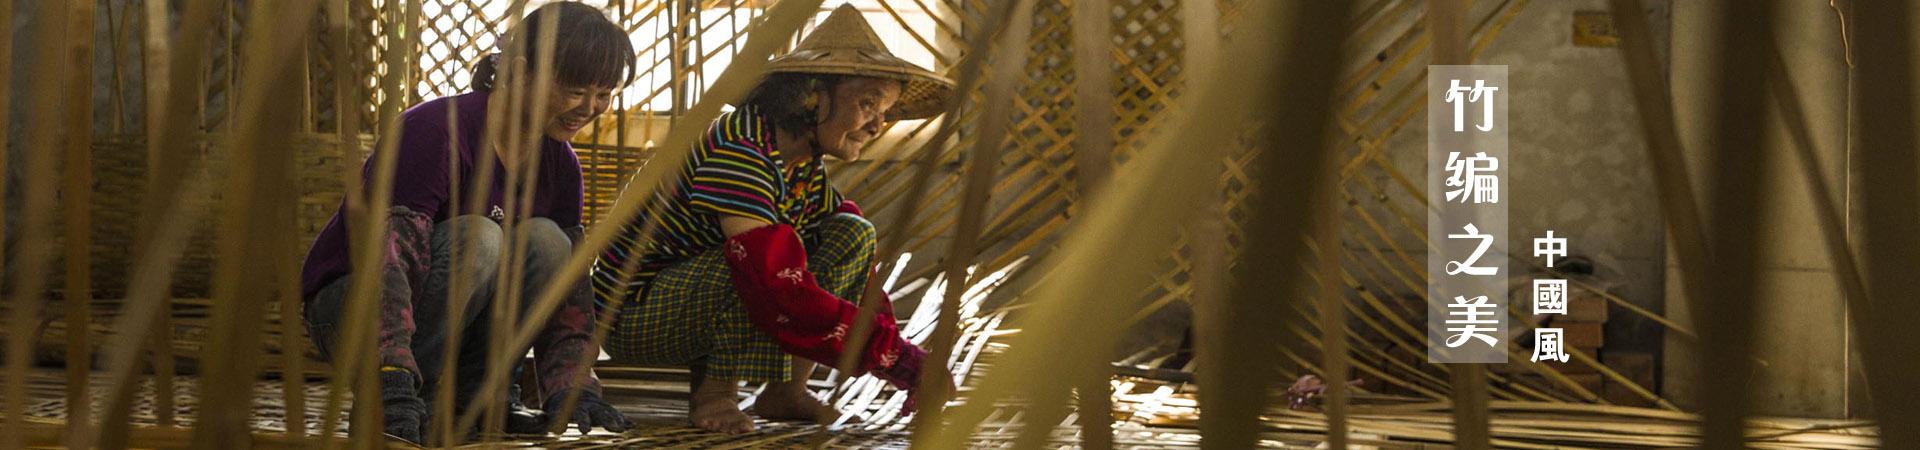 竹制好物,竹编工艺之美